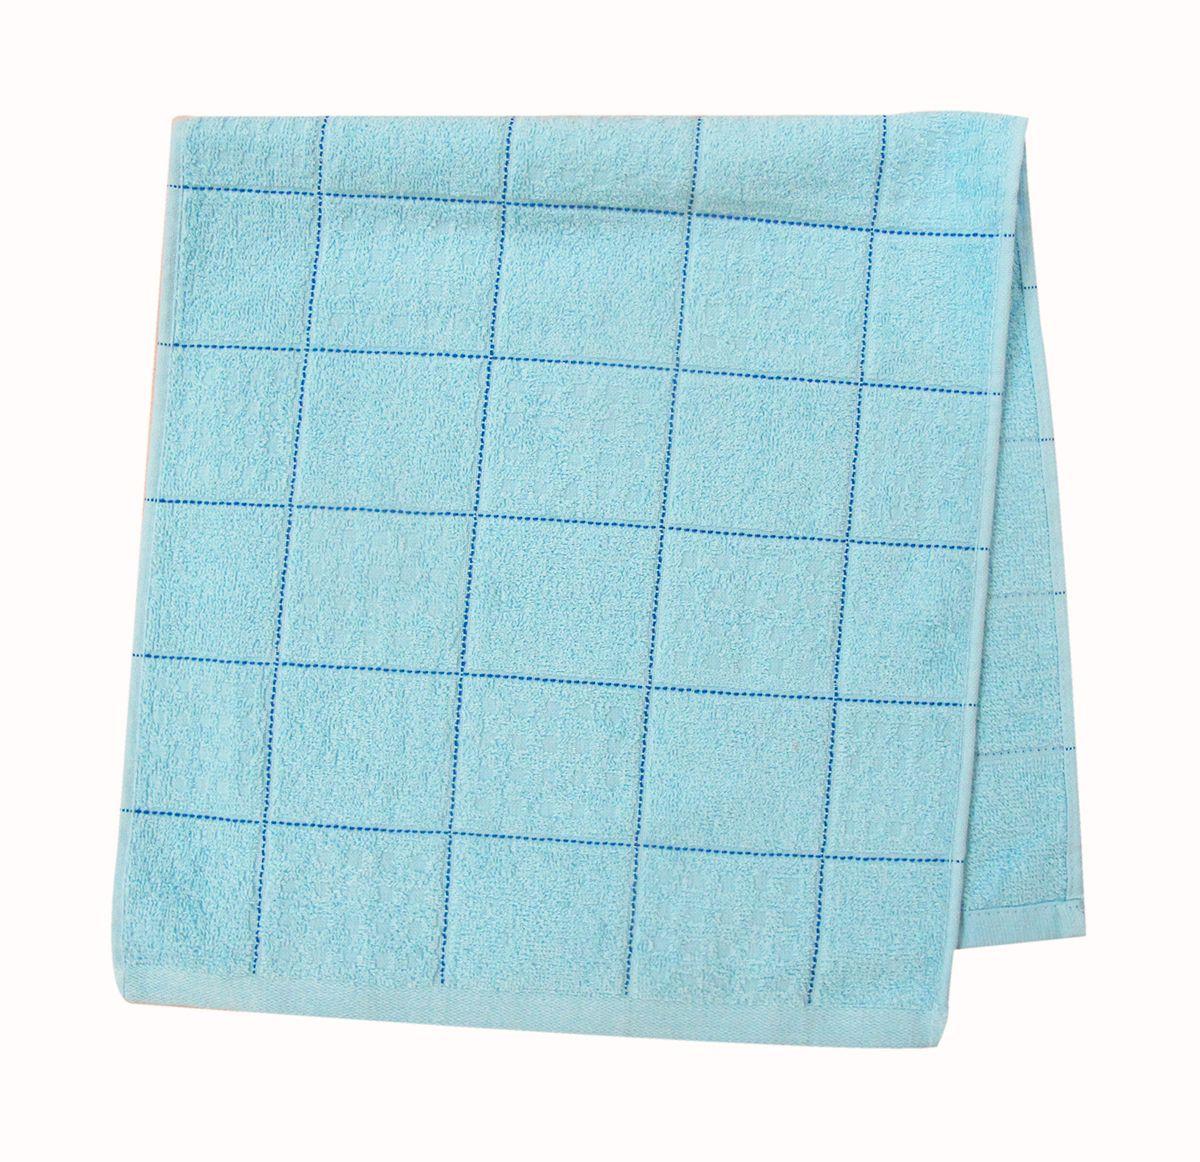 Полотенце махровое НВ Квадро, цвет: синий, 33 х 70 см. м1081_0180820Полотенце НВ Квадро выполнено из натуральной махровой ткани (100% хлопок). Изделие отлично впитывает влагу, быстро сохнет, сохраняет яркость цвета и не теряет форму даже после многократных стирок. Полотенце очень практично и неприхотливо в уходе. Оно станет достойным выбором для вас и приятным подарком вашим близким.